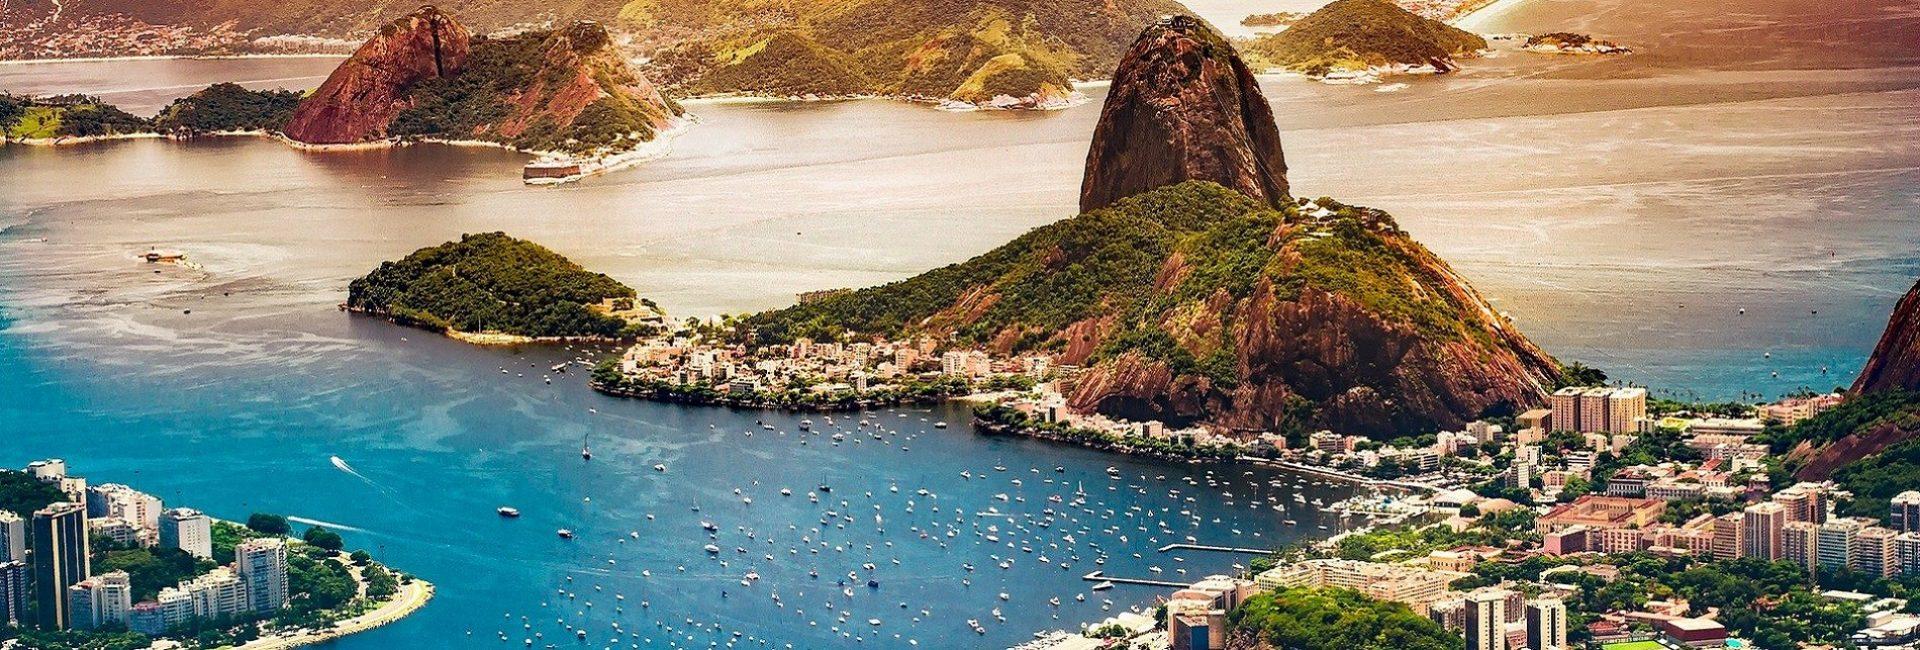 Putovanje u Brazil, jedno od najimpresivnijih mjesta na svijetu.